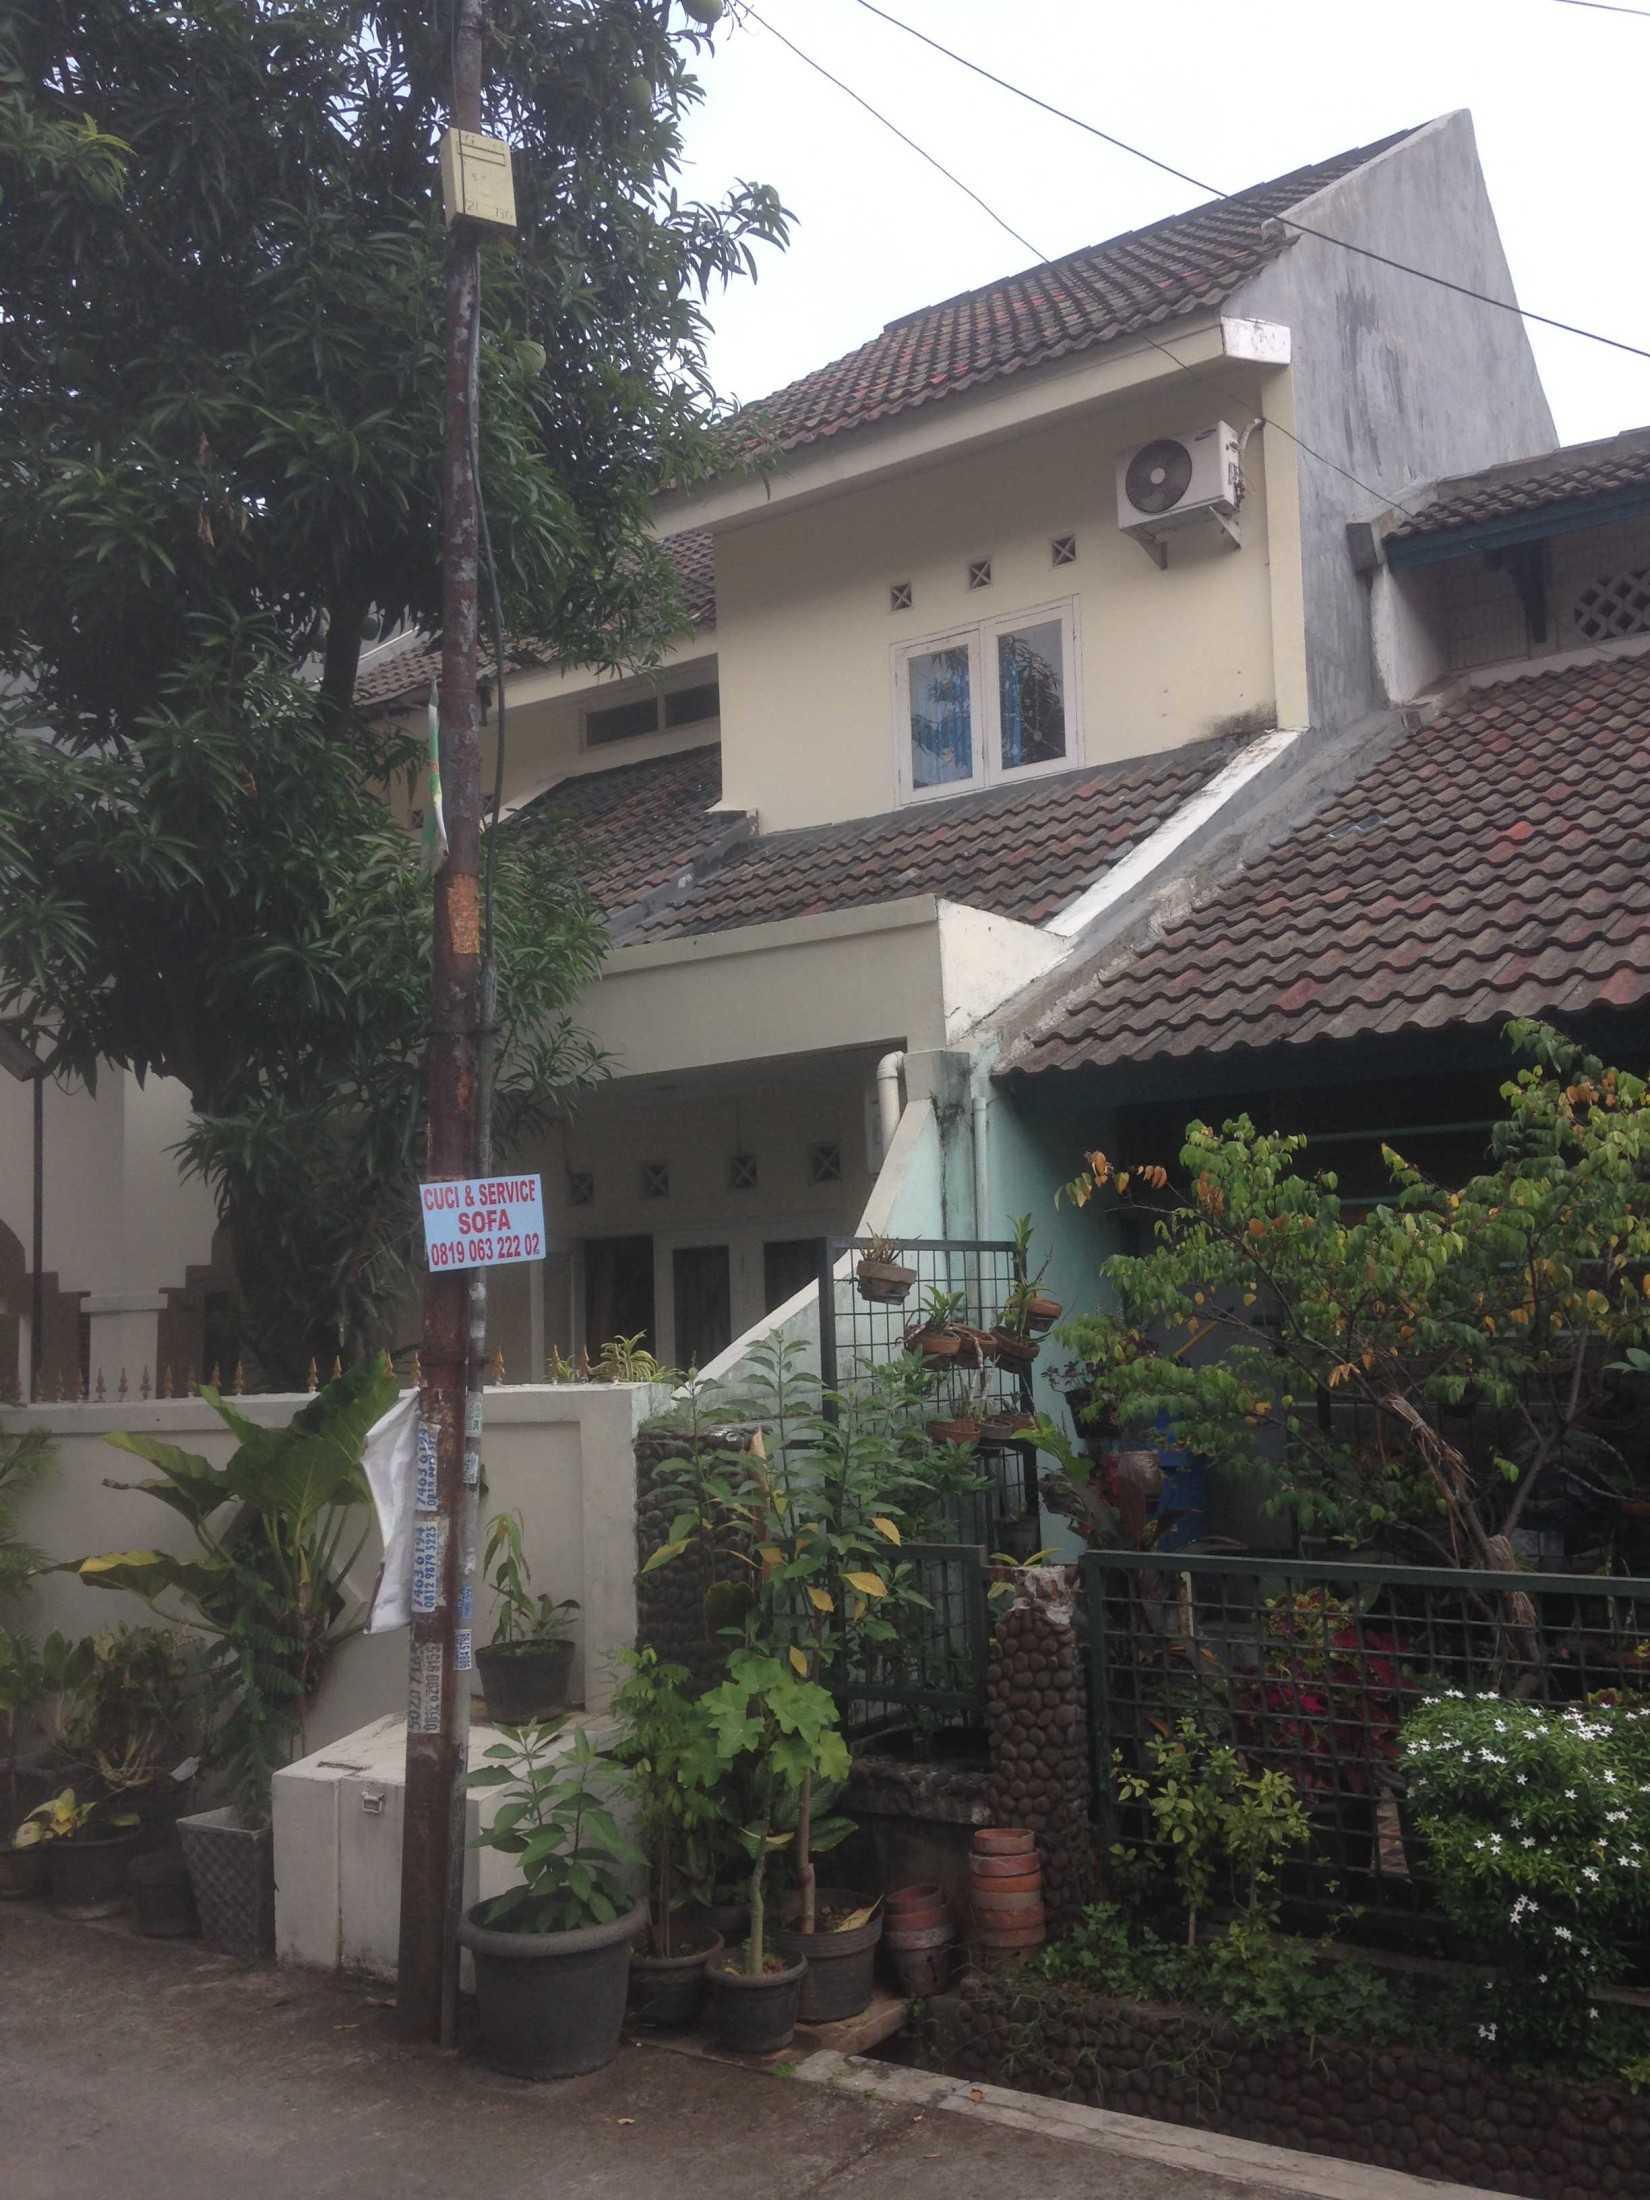 Limasaka Studio Madja House Kota Tangerang Selatan, Banten, Indonesia Kota Tangerang Selatan, Banten, Indonesia Limasaka-Studio-Madja-House  62463